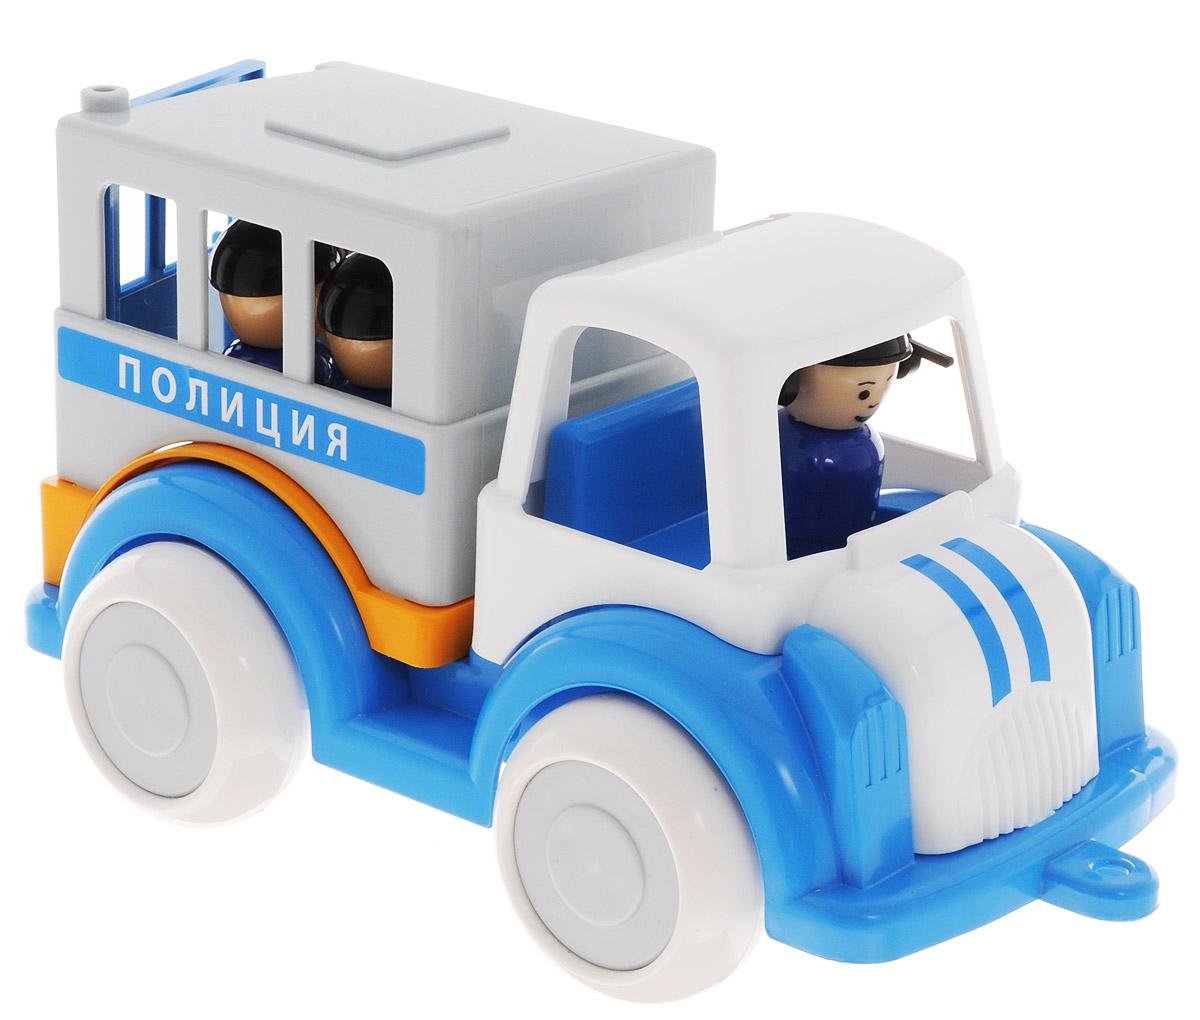 Форма Машинка ПолицияС-161-ФМашинка Полиция Форма станет главным развлечением вашего малыша. Выполненная из прочной пищевой пластмассы, игрушка долго прослужит малышу. Плотные массивные колеса, напоминающие резиновые, обеспечивают плавность хода машинки, а также устойчивость. В машинке находятся человечки, которых можно вынимать, а заднюю дверь машинки можно открывать и закрывать. Спереди полицейской машинки есть отверстие для того, чтобы вдеть туда веревку и катать машинку вслед за собой. Машинка очень яркая и безопасная.